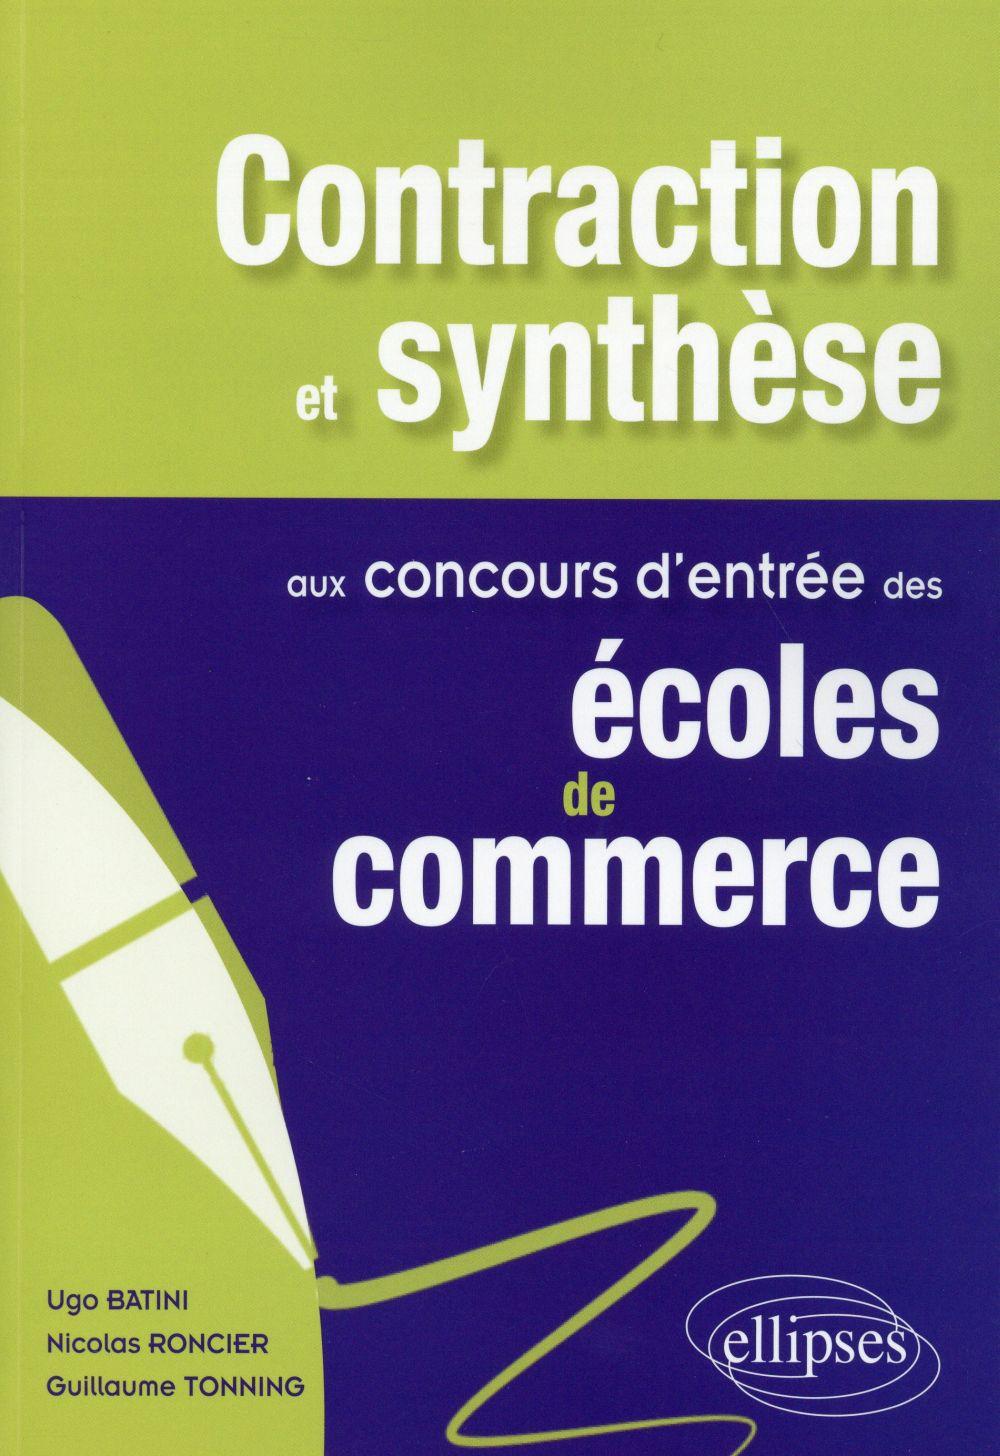 Contaction et synthèse aux concours d'entrée des écoles de commerce